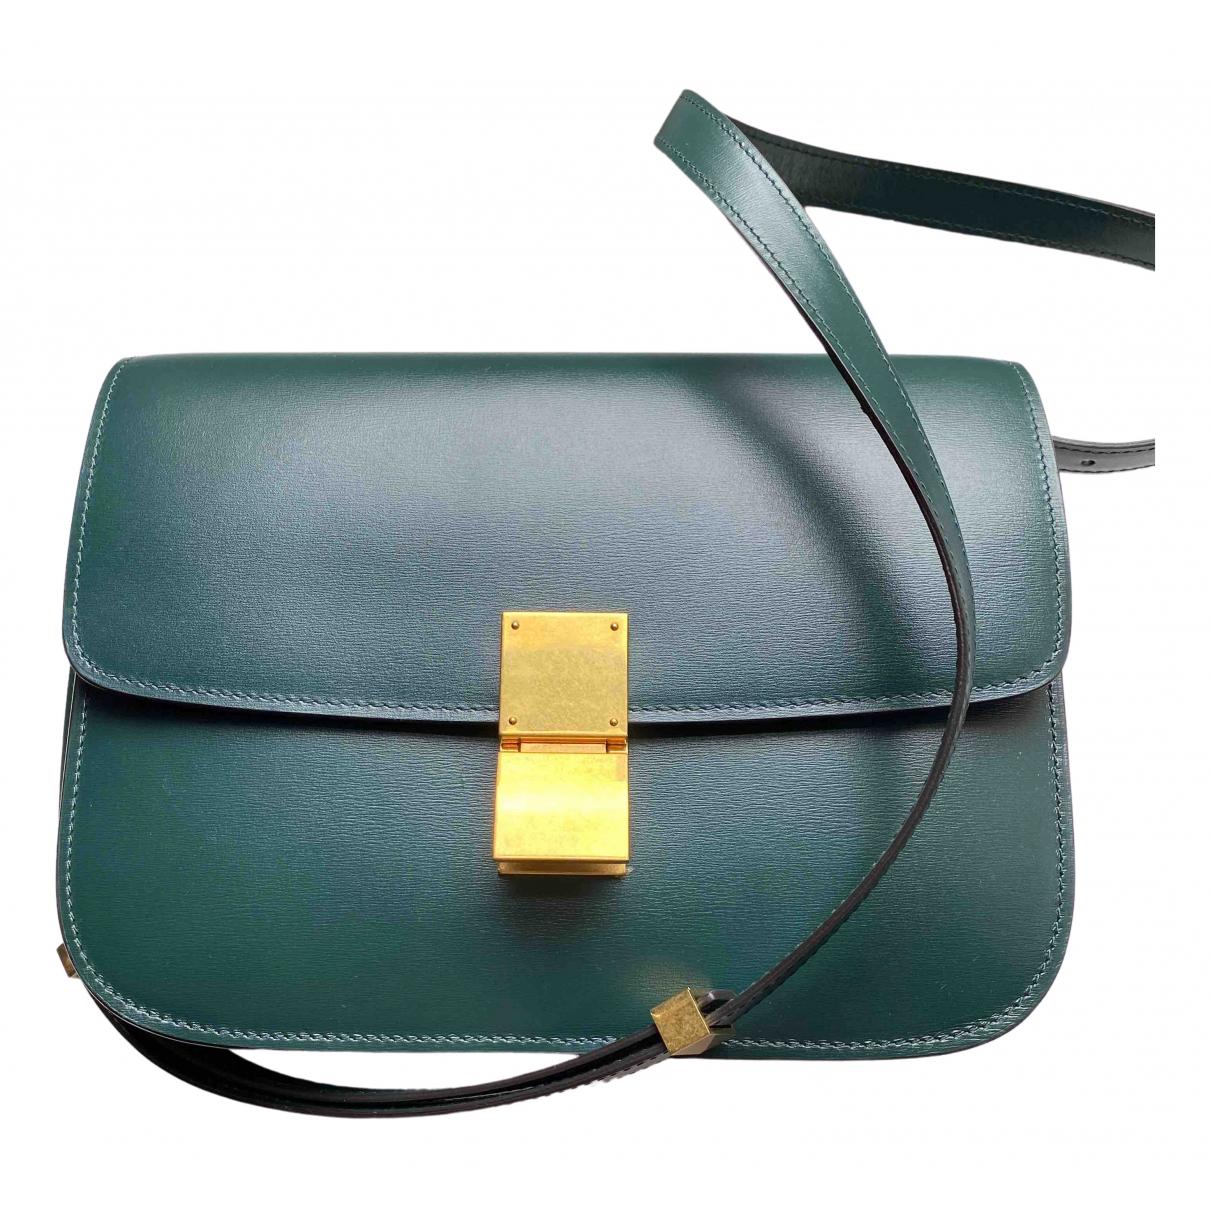 Celine Classic Handtasche in  Gruen Leder